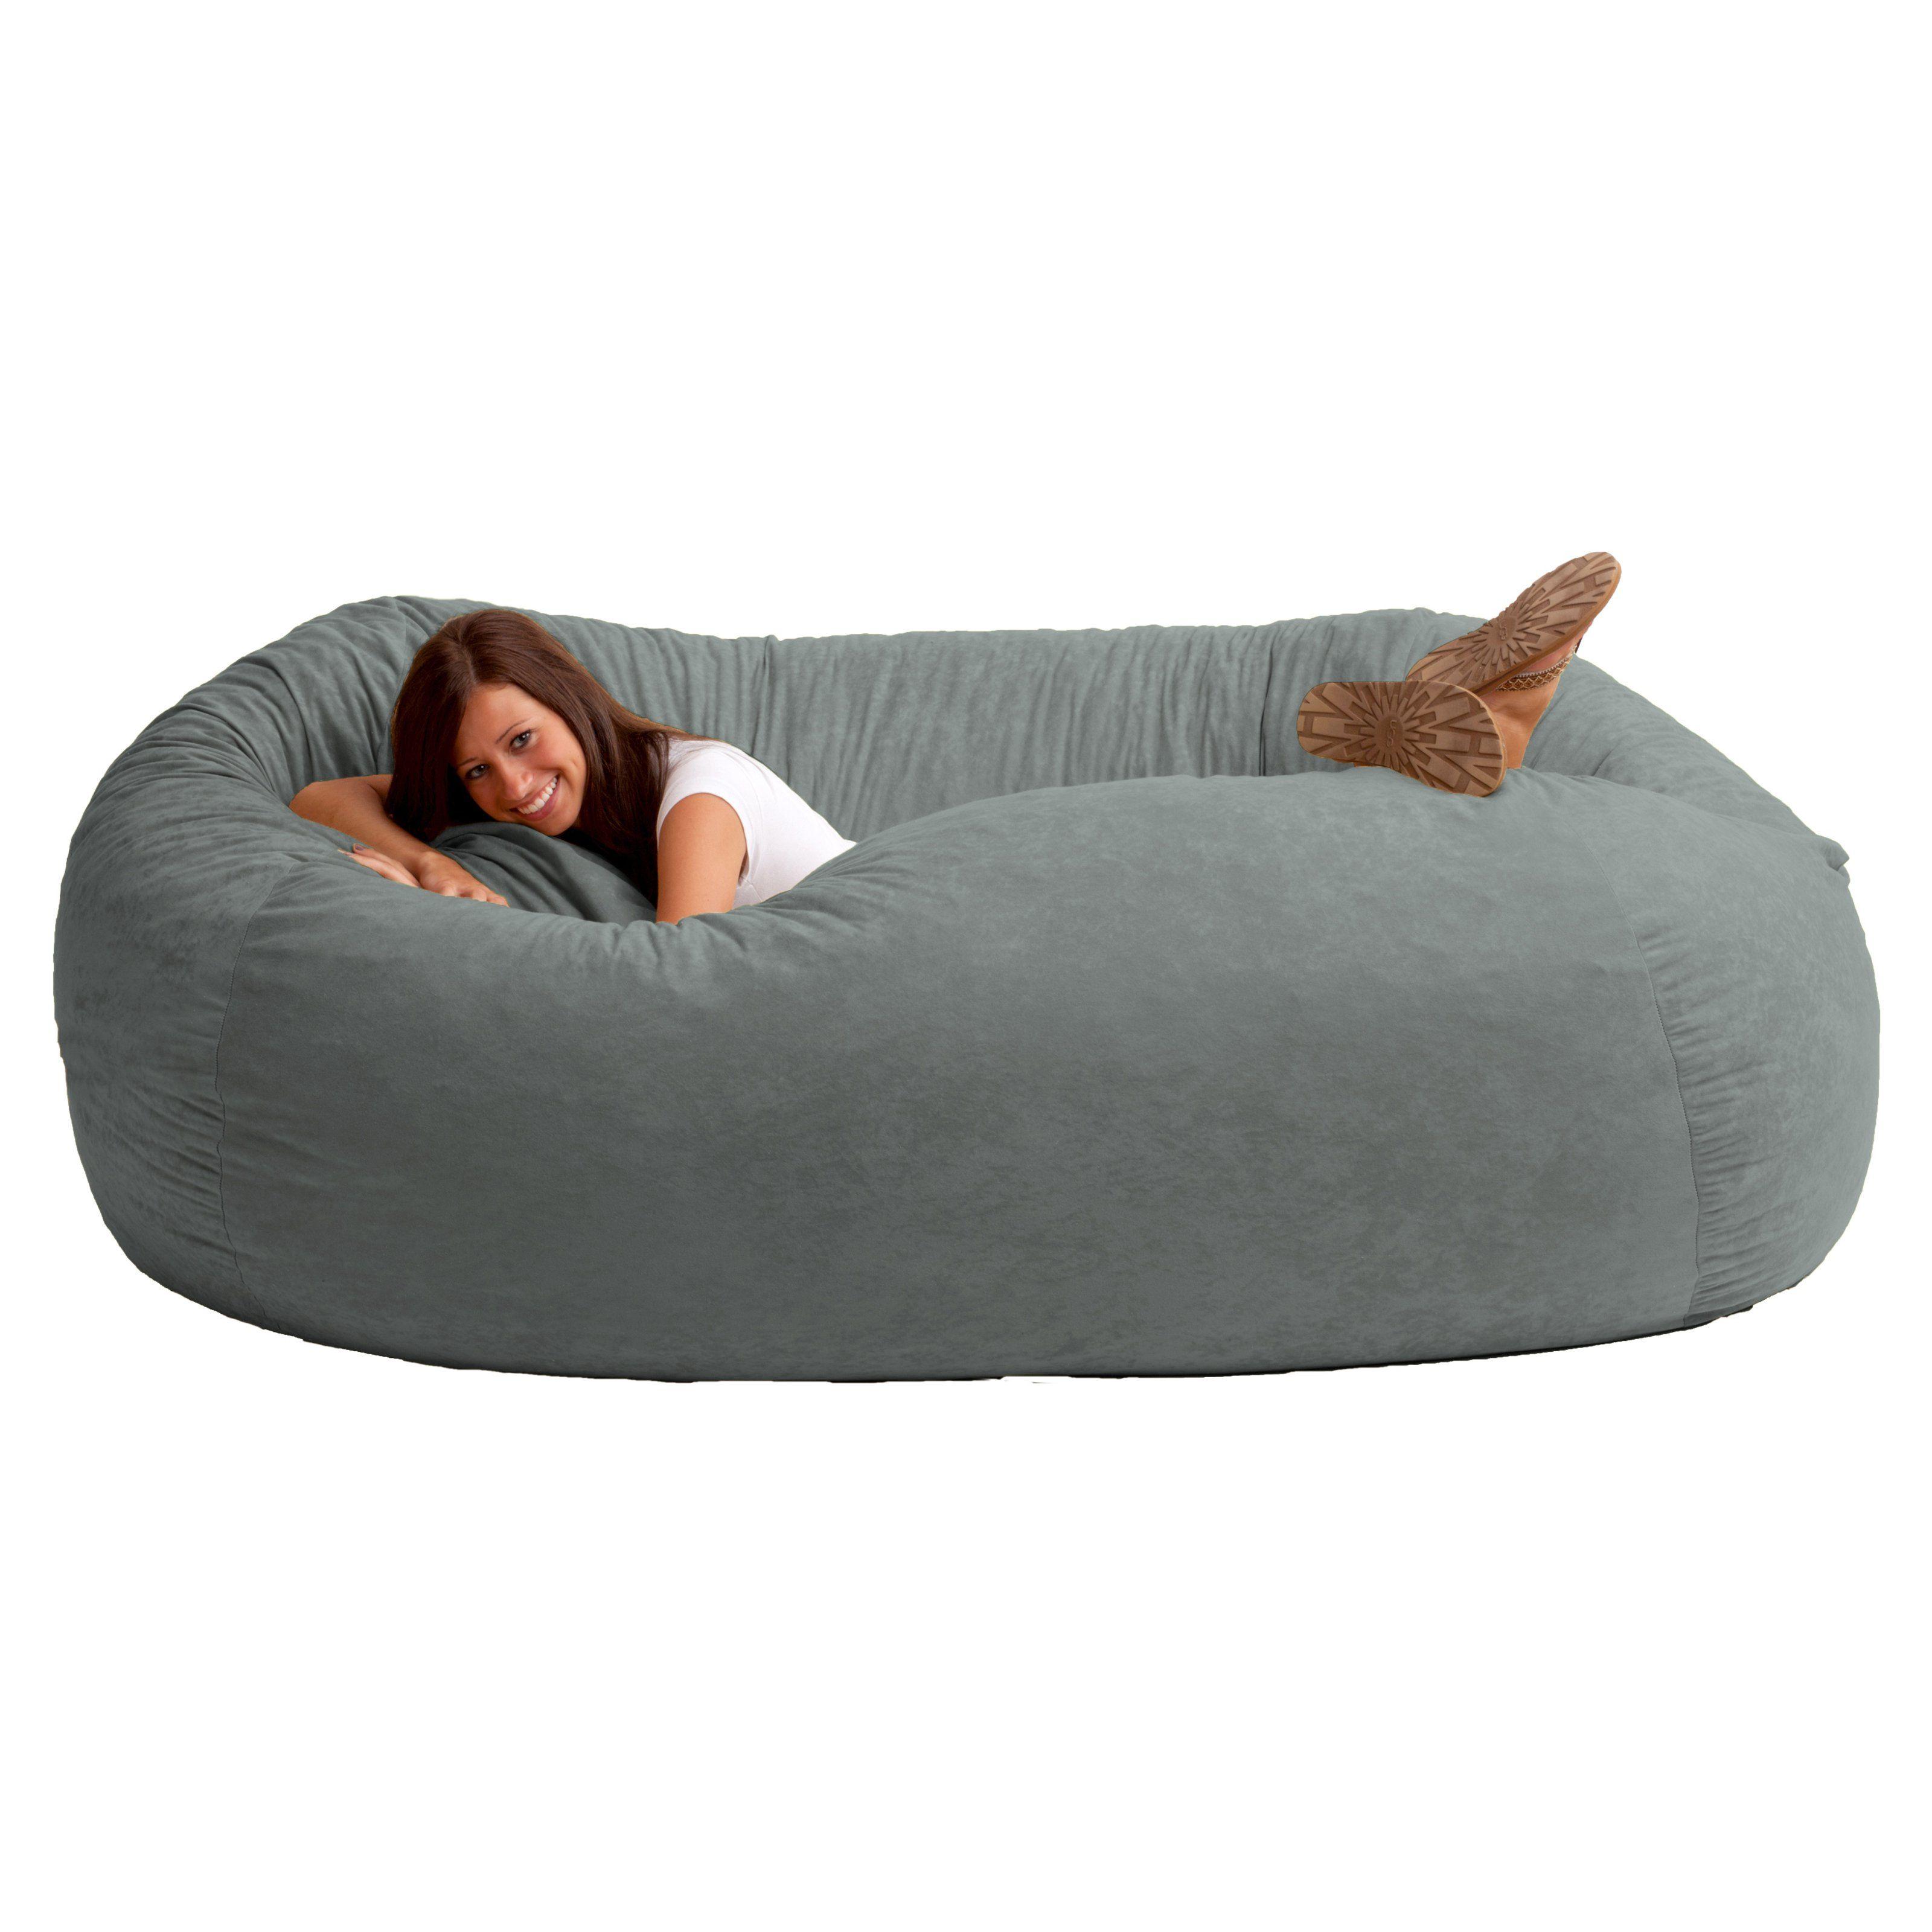 Astounding Buy Foam Filled Bean Bag Lounge Oversize Memory Foam Pdpeps Interior Chair Design Pdpepsorg